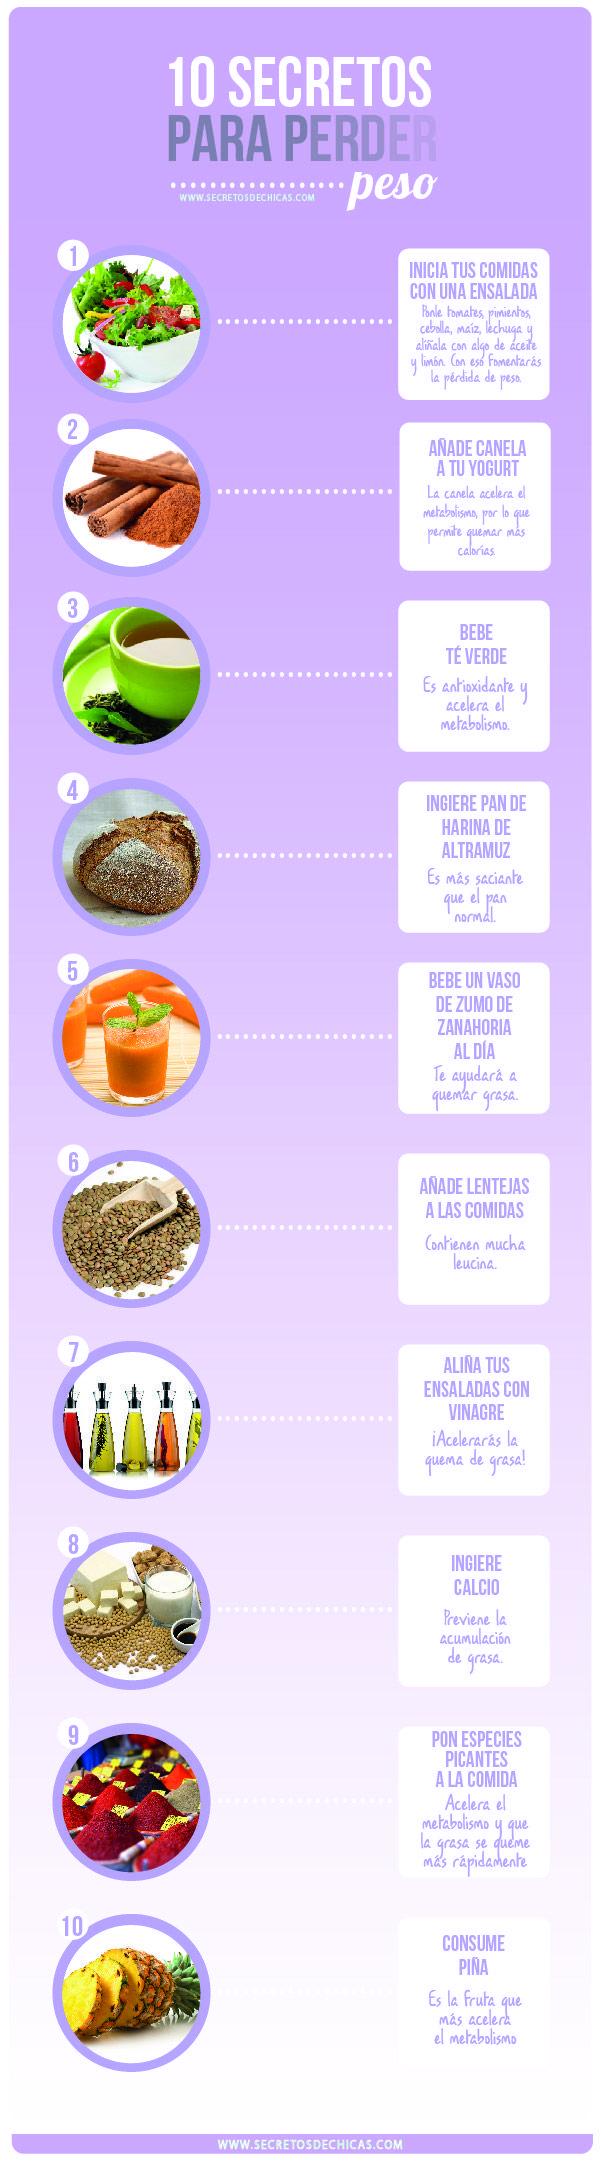 Secretos para perder peso